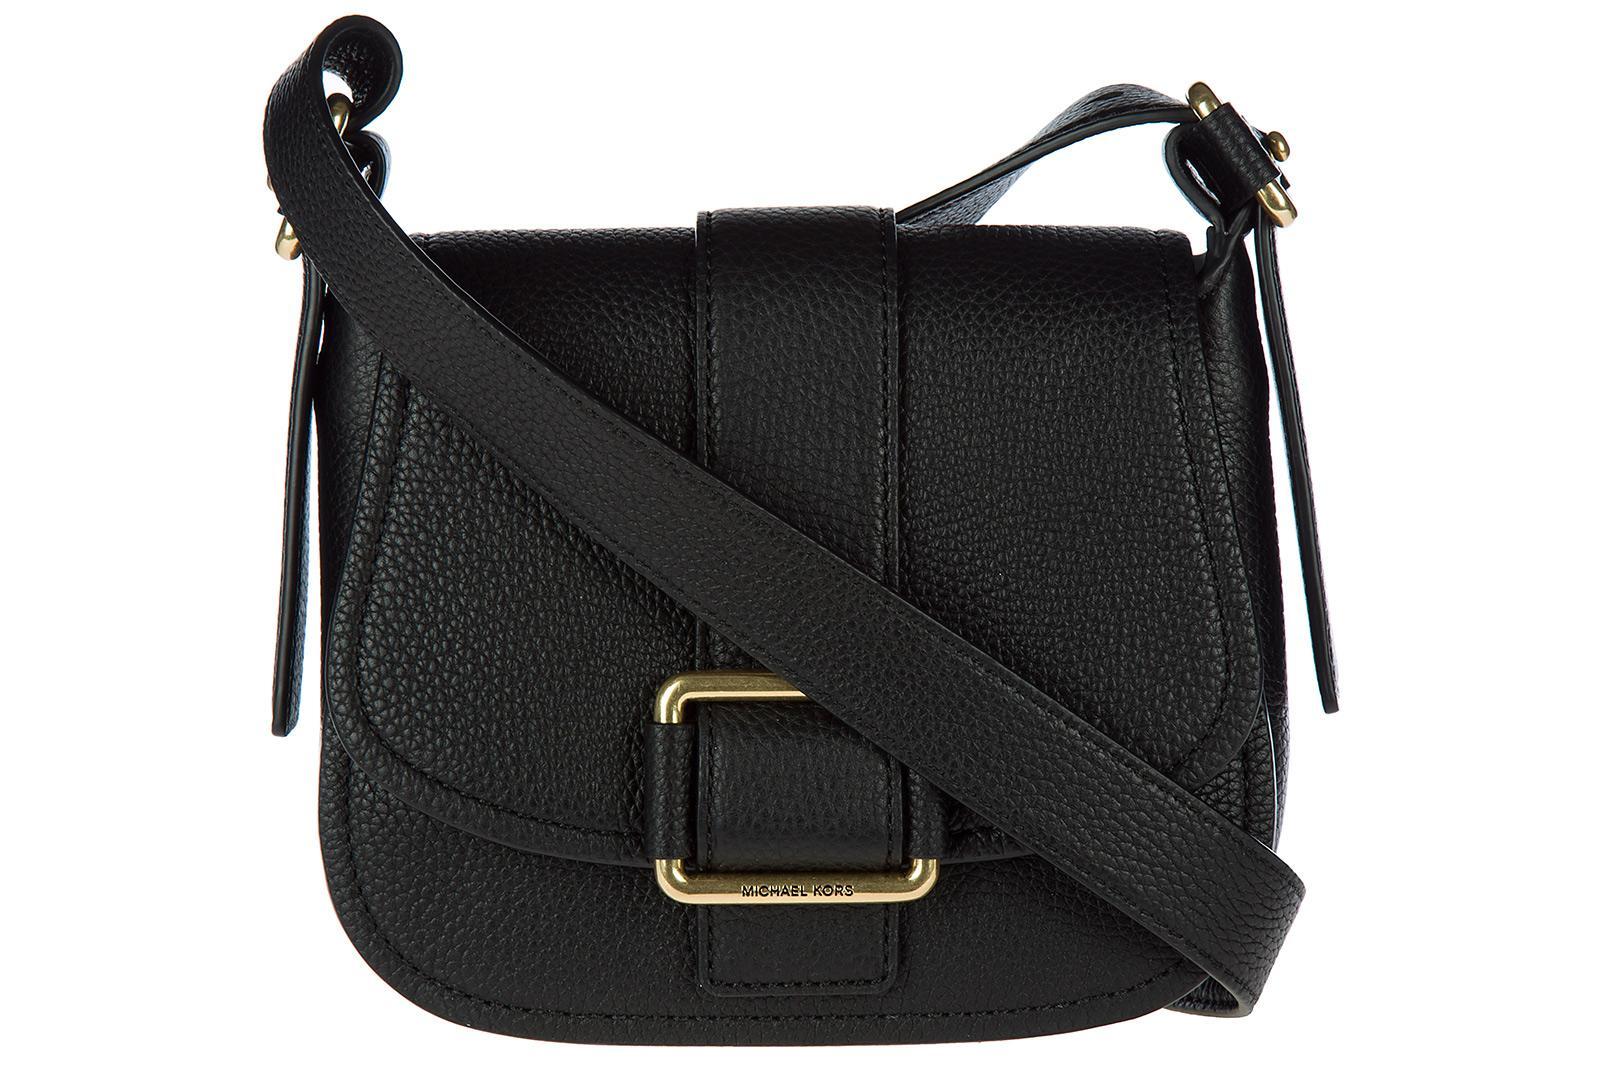 d61a101eb2296 Michael Kors UmhÄNgetasche Damen Tasche Schultertasche Messenger Leder  Maxine In Black